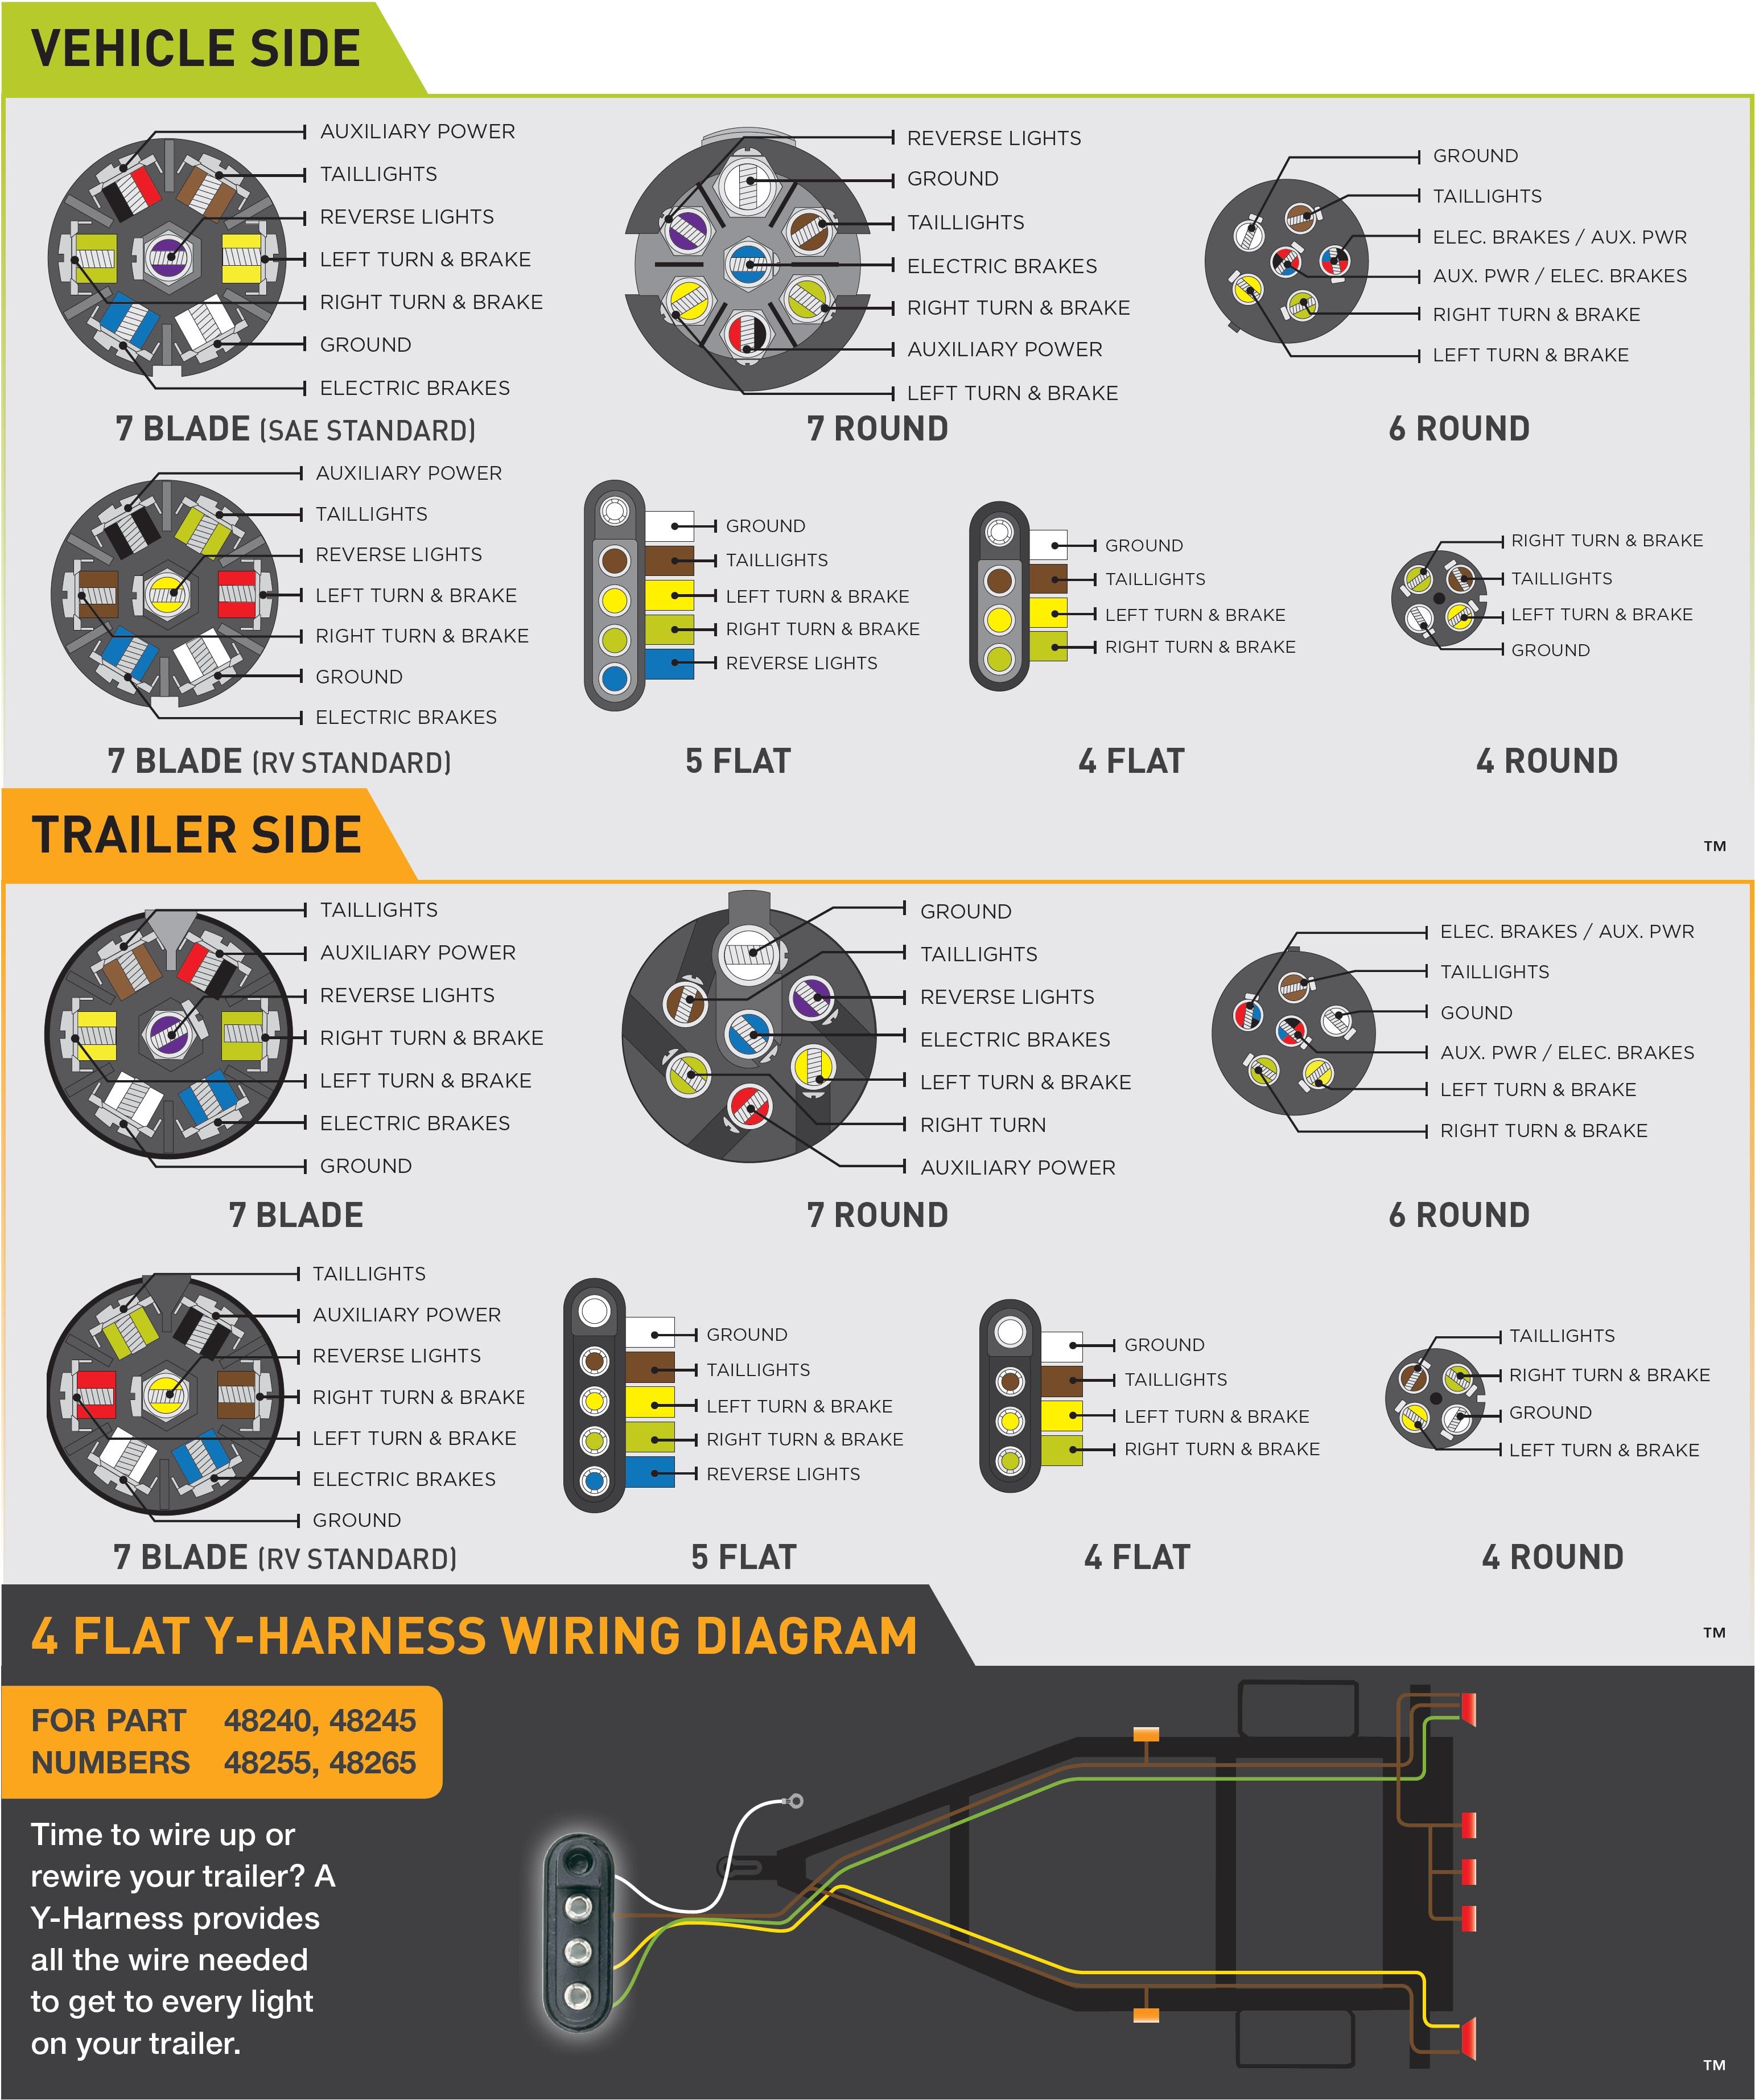 Wiring Guides - 4 Way Wiring Diagram